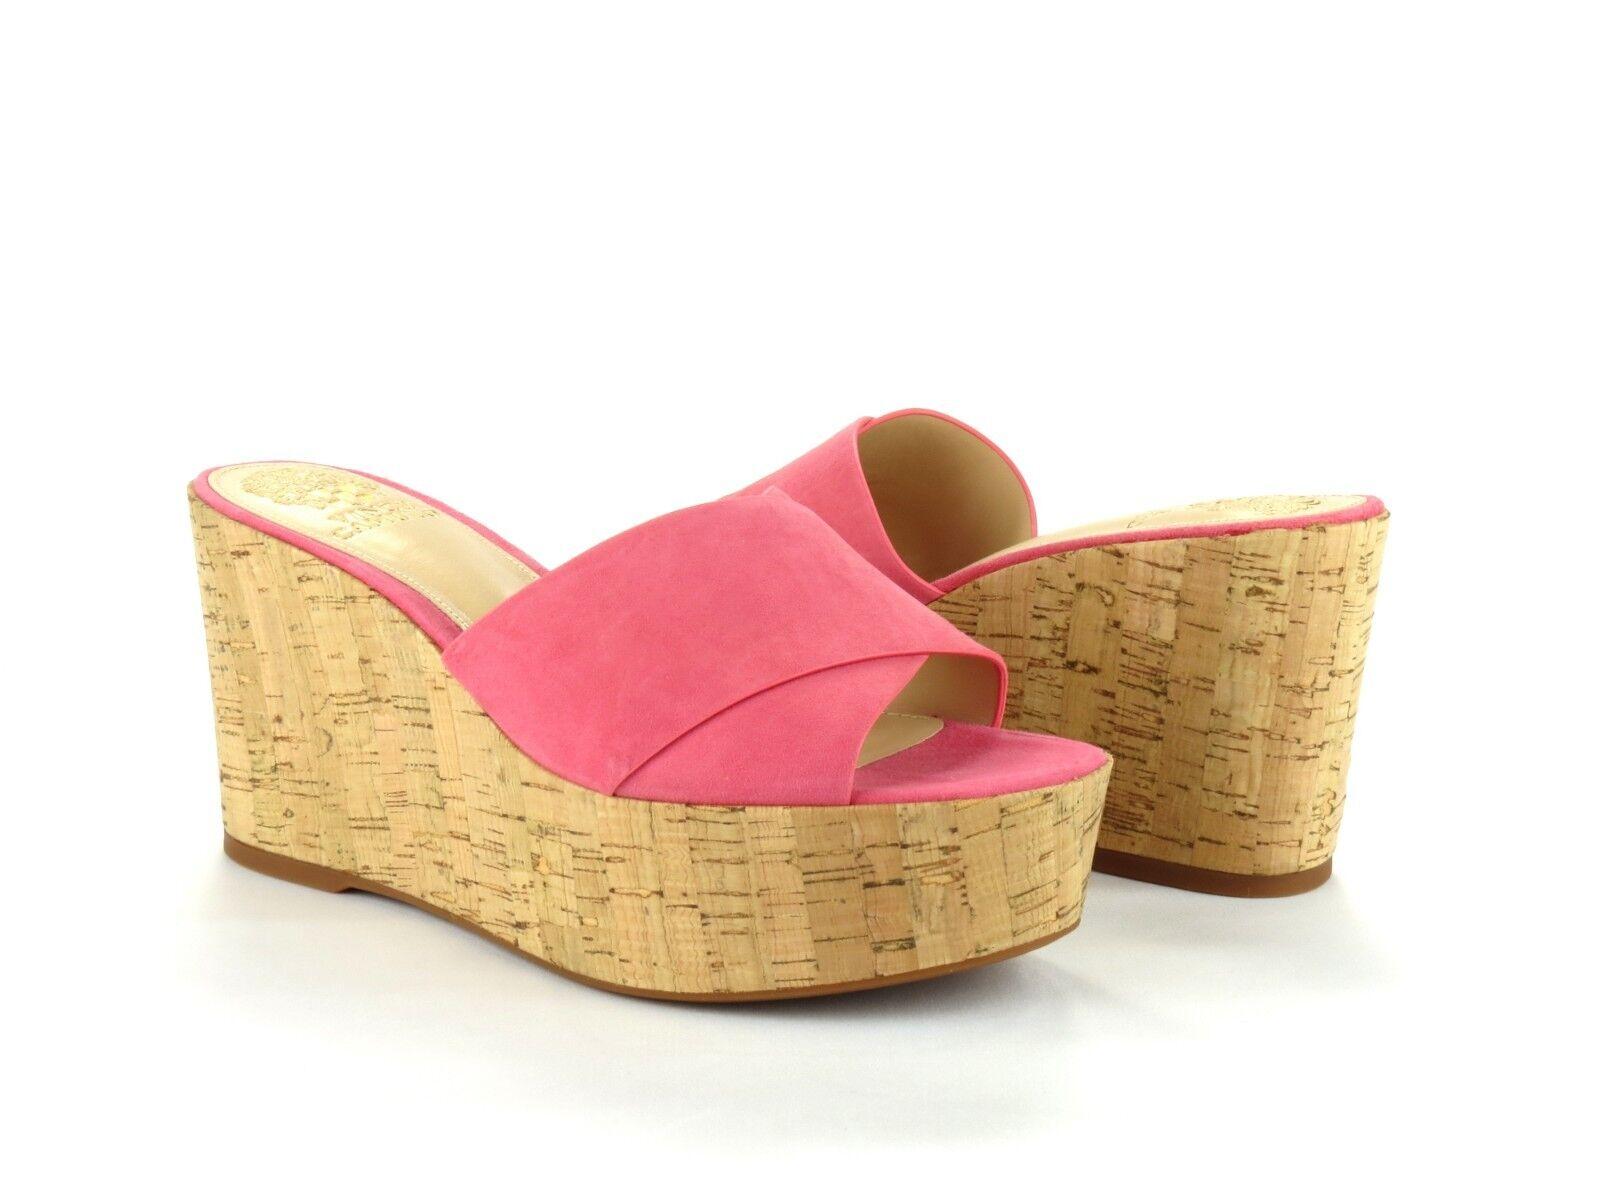 Vince Camuto Kessina Mule Soft Pink Suede Leather Cork Platform Wedge Sandal 8